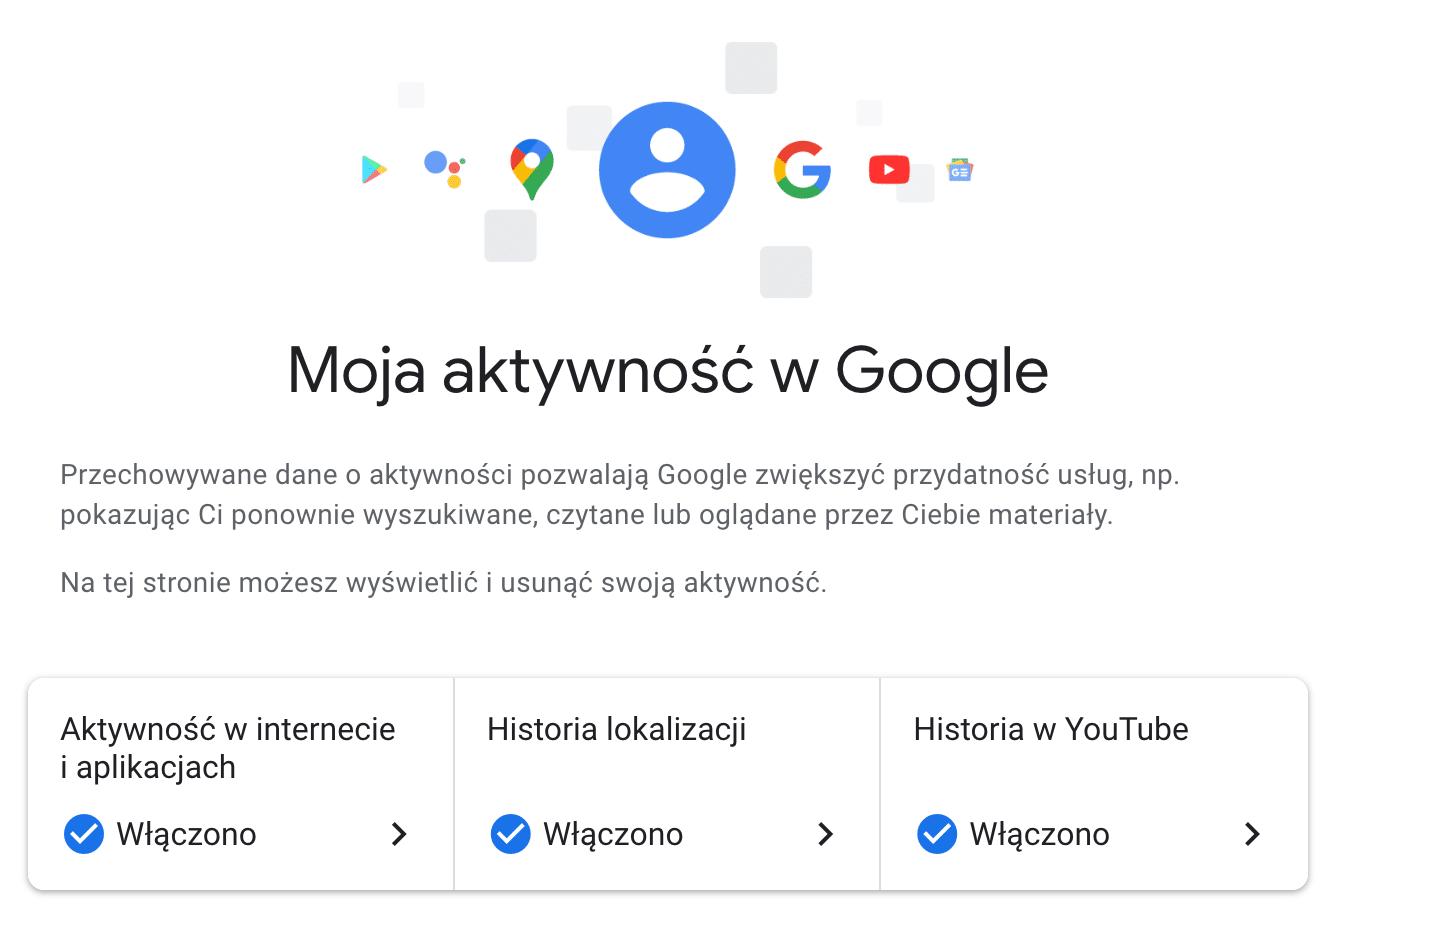 Historia Wyszukiwania Google - Moja aktywność w Google